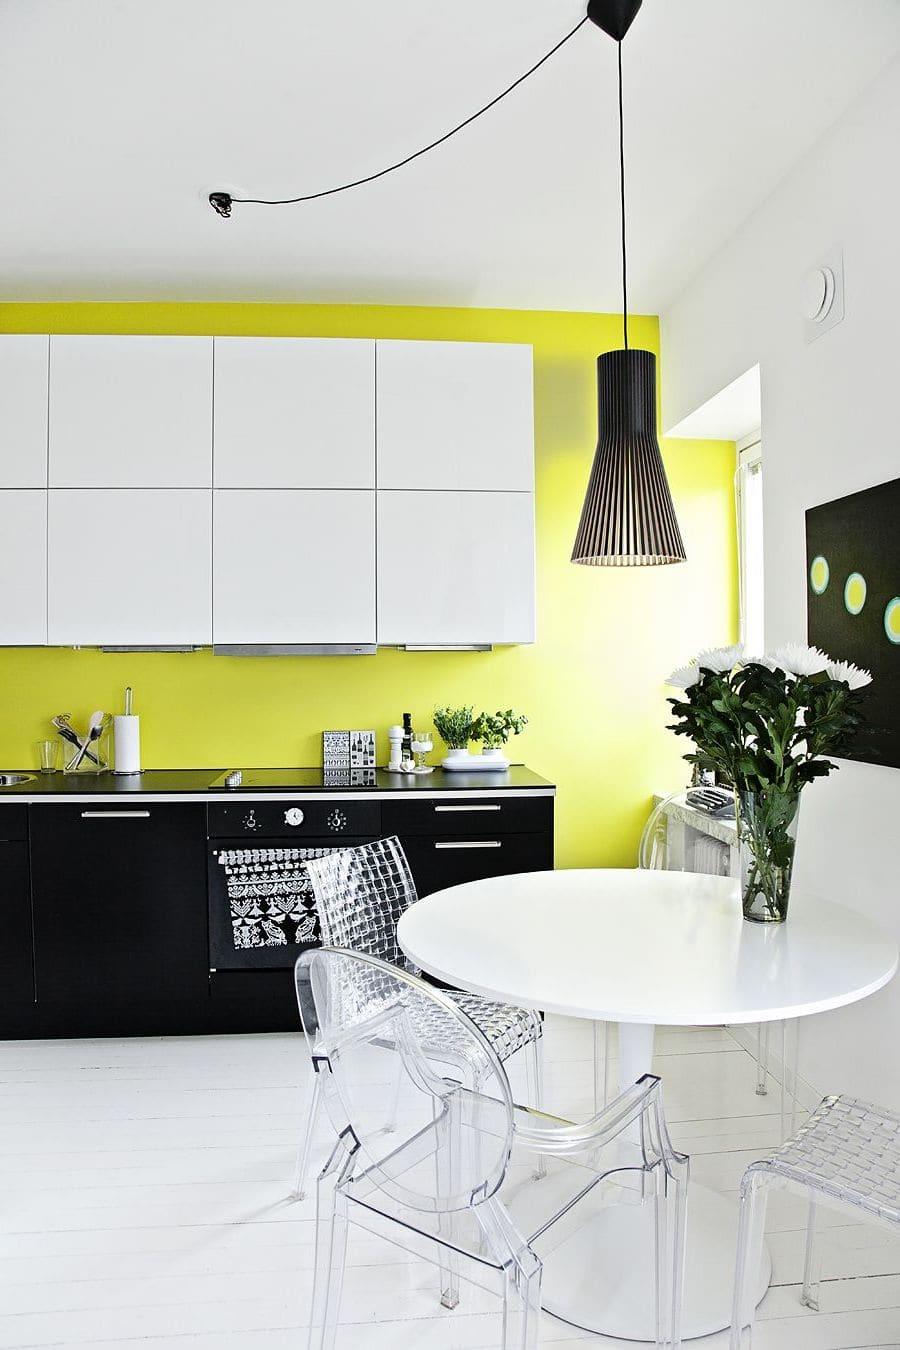 Идеальное сочетание белого, желтого и черного цвета в дизайне кухни